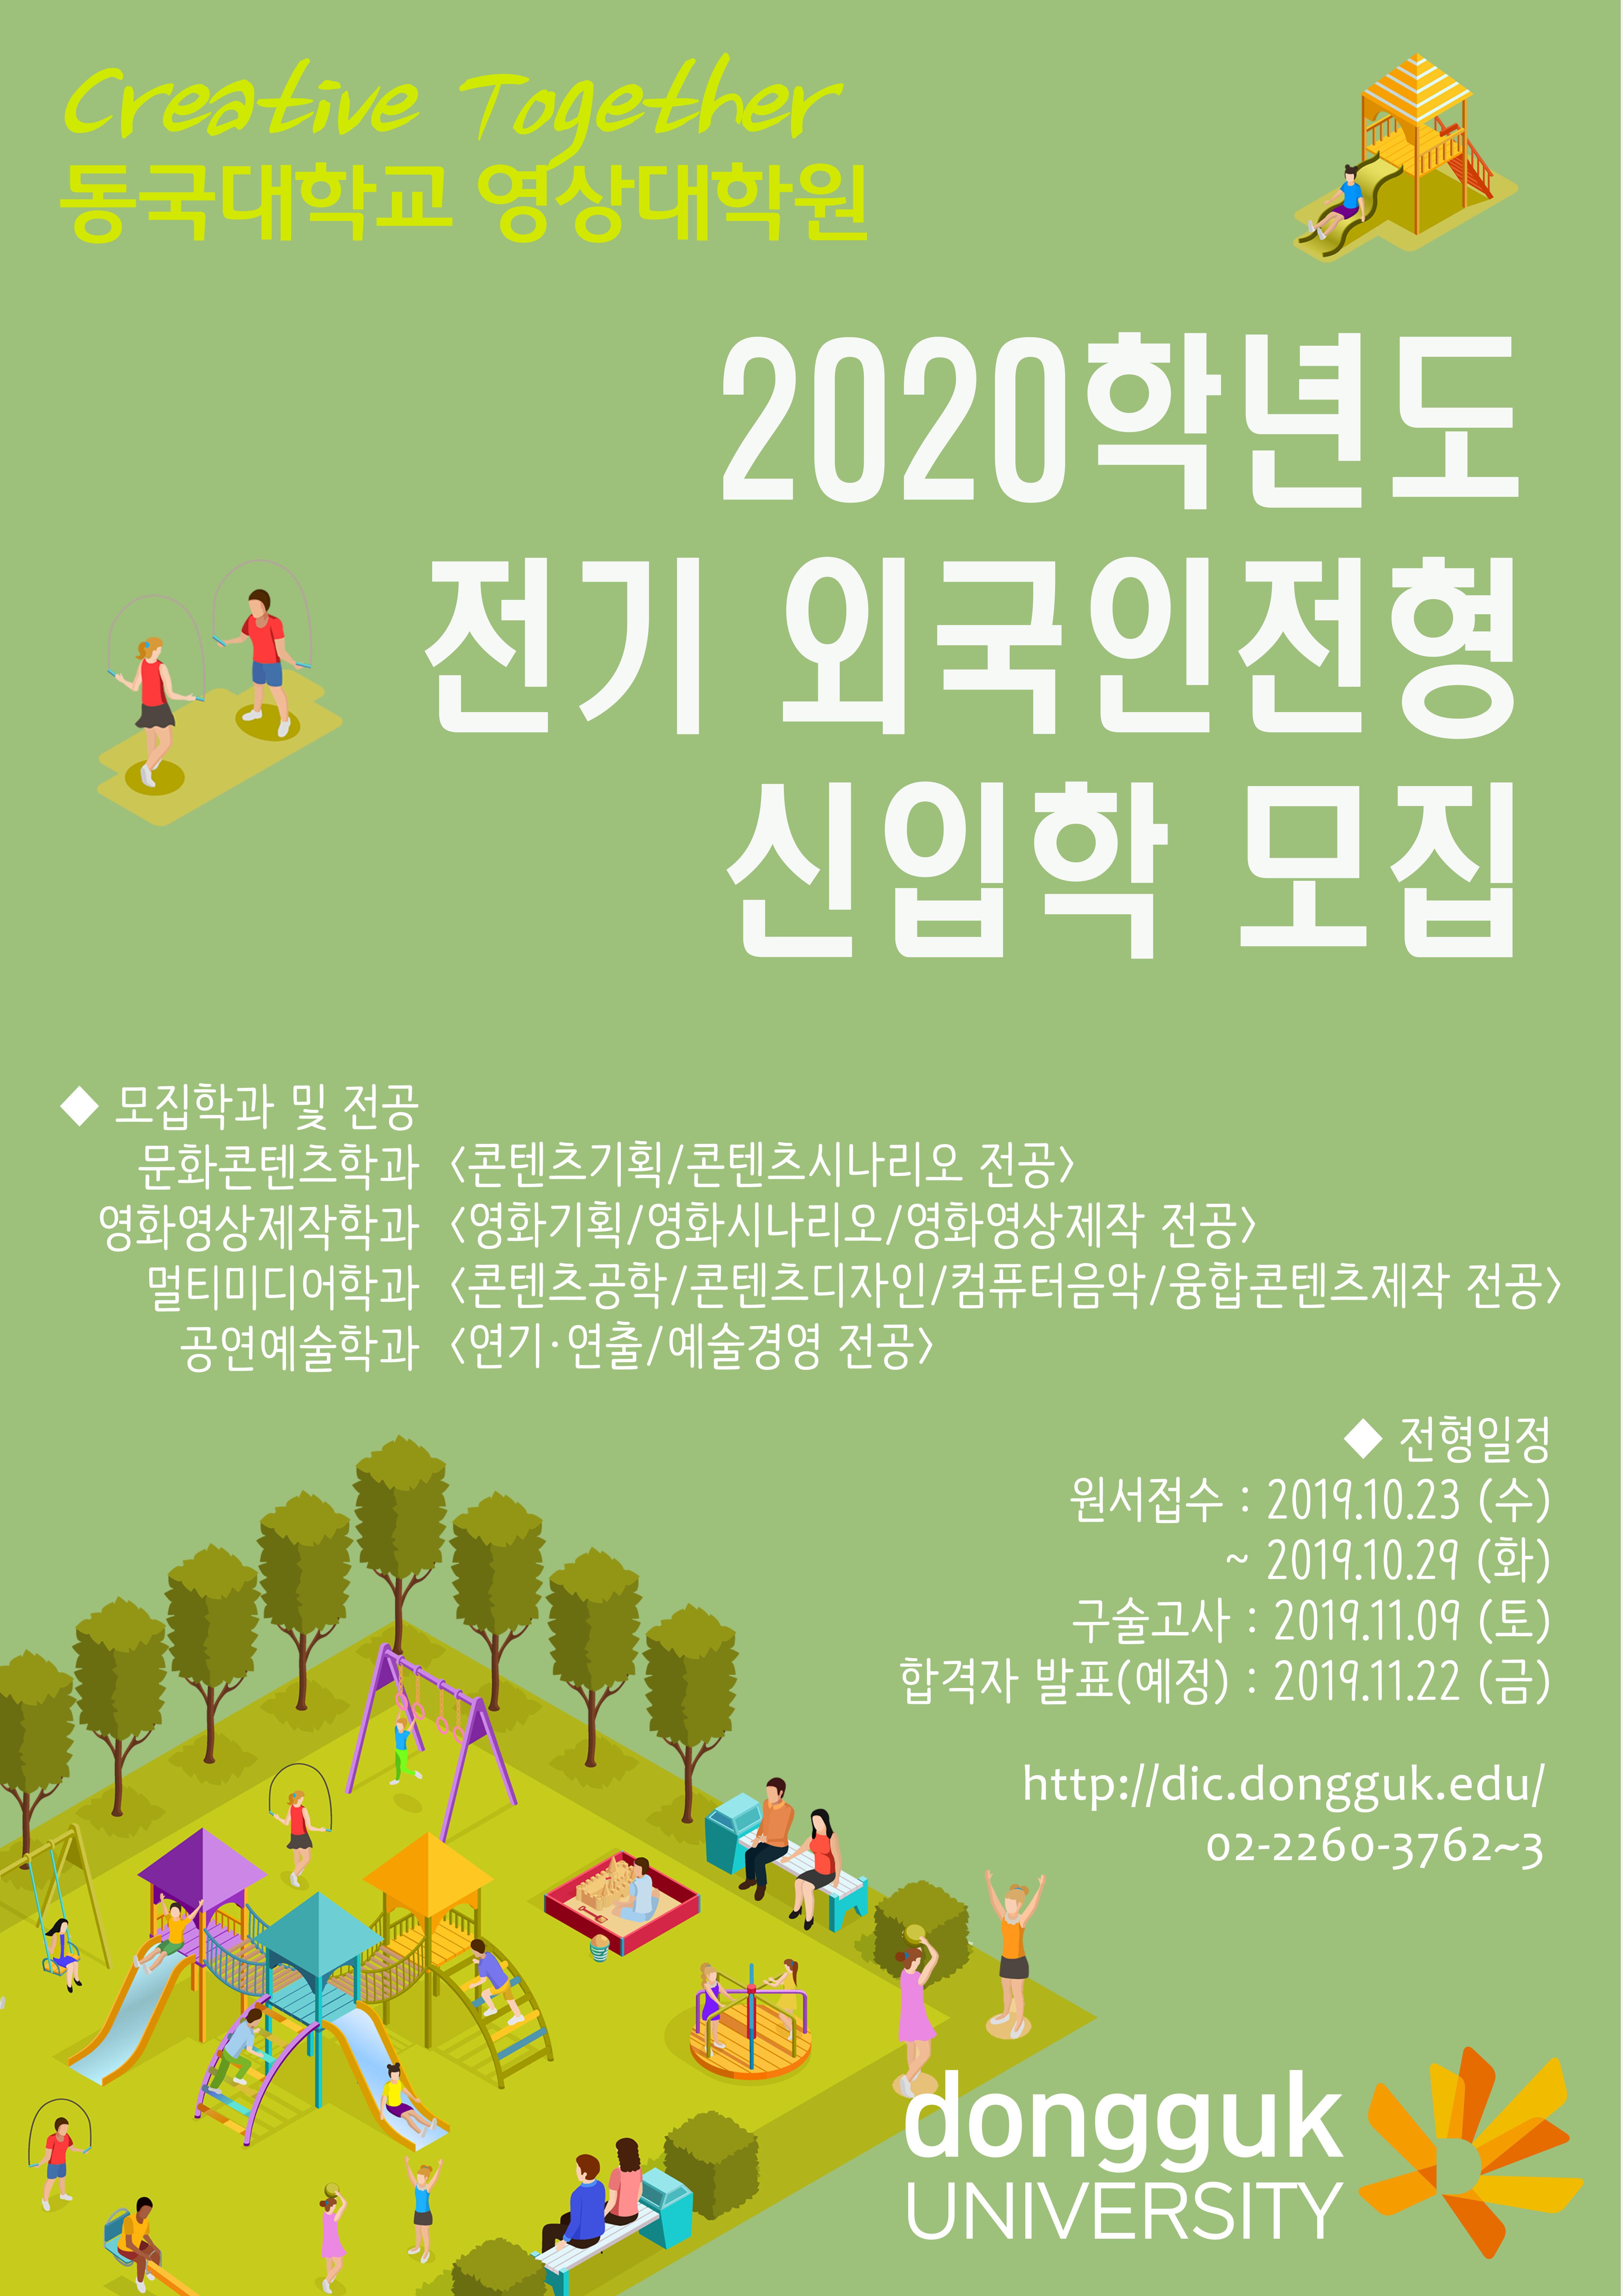 2020-전기-신입학-2안-외국인(A2)